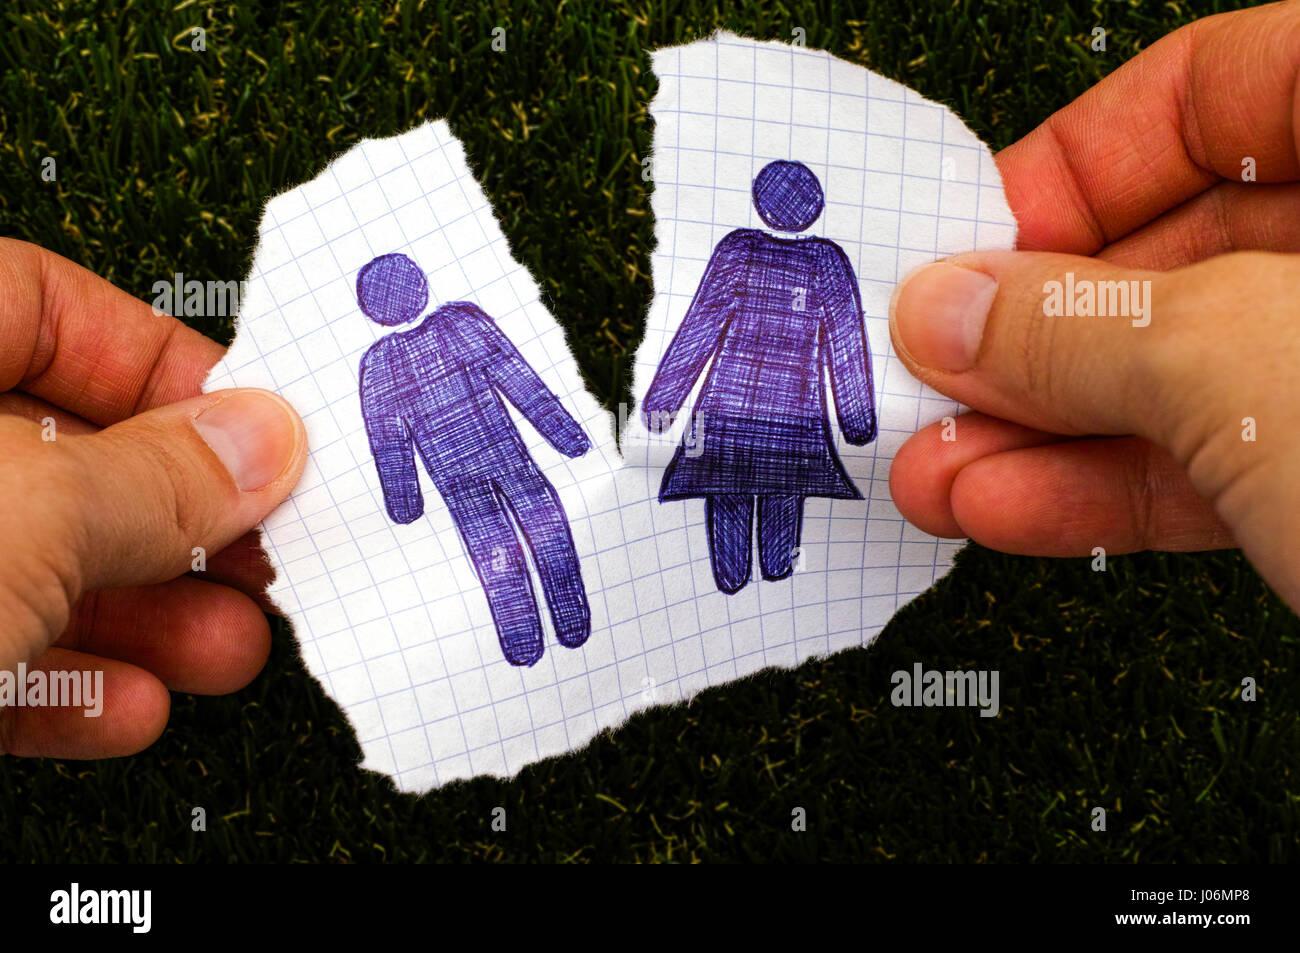 Persona mani rip pezzo di carta con disegnati a mano l uomo e la donna nelle figure. Sfondo di erba. Doodle stile. Immagini Stock